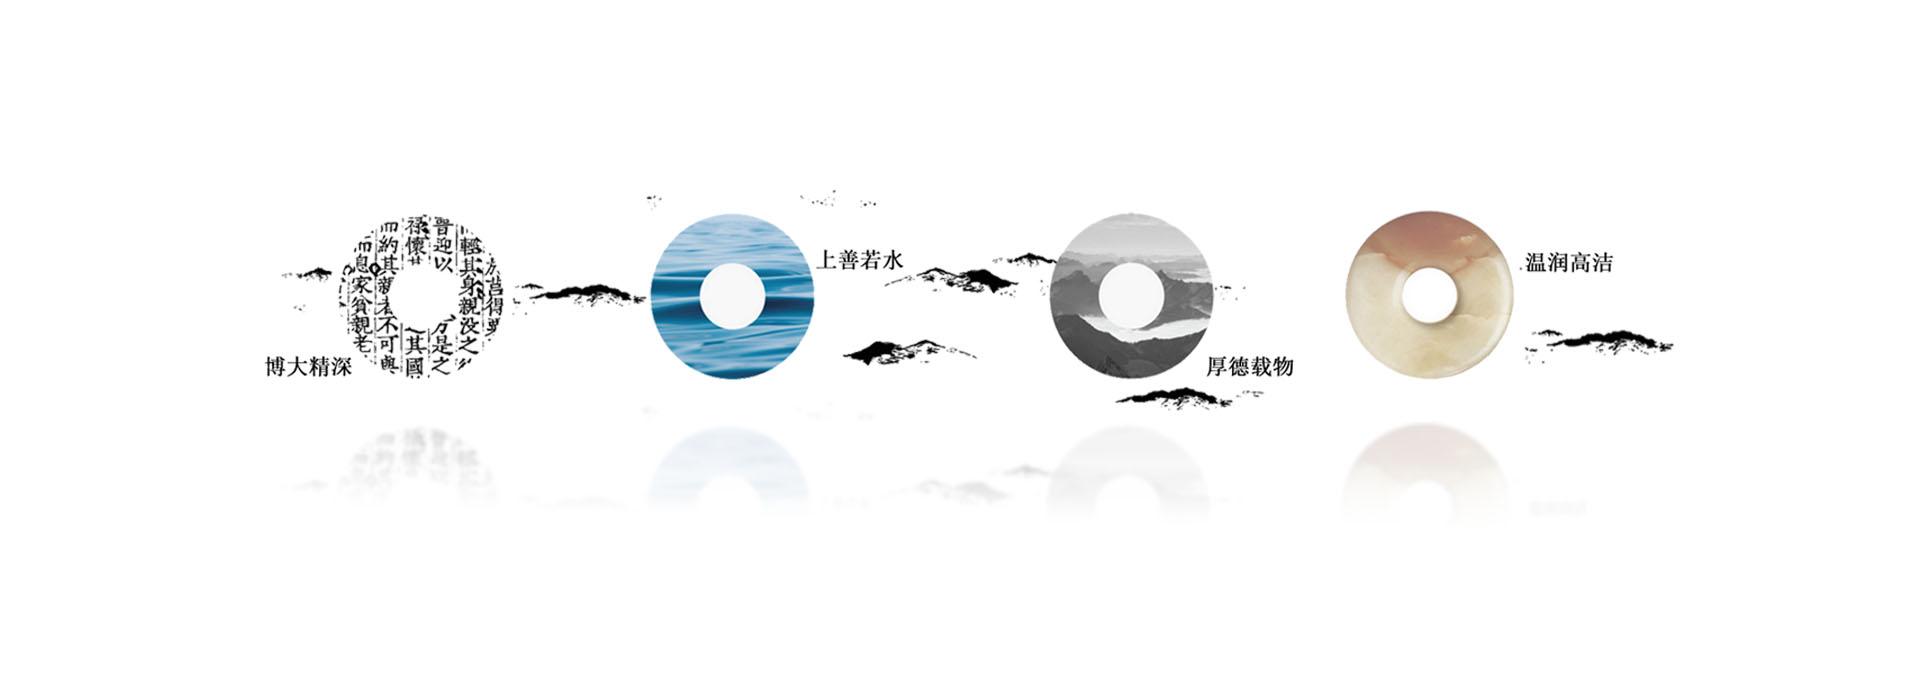 中国文化,不是我们的噱头,而是我们的坚持